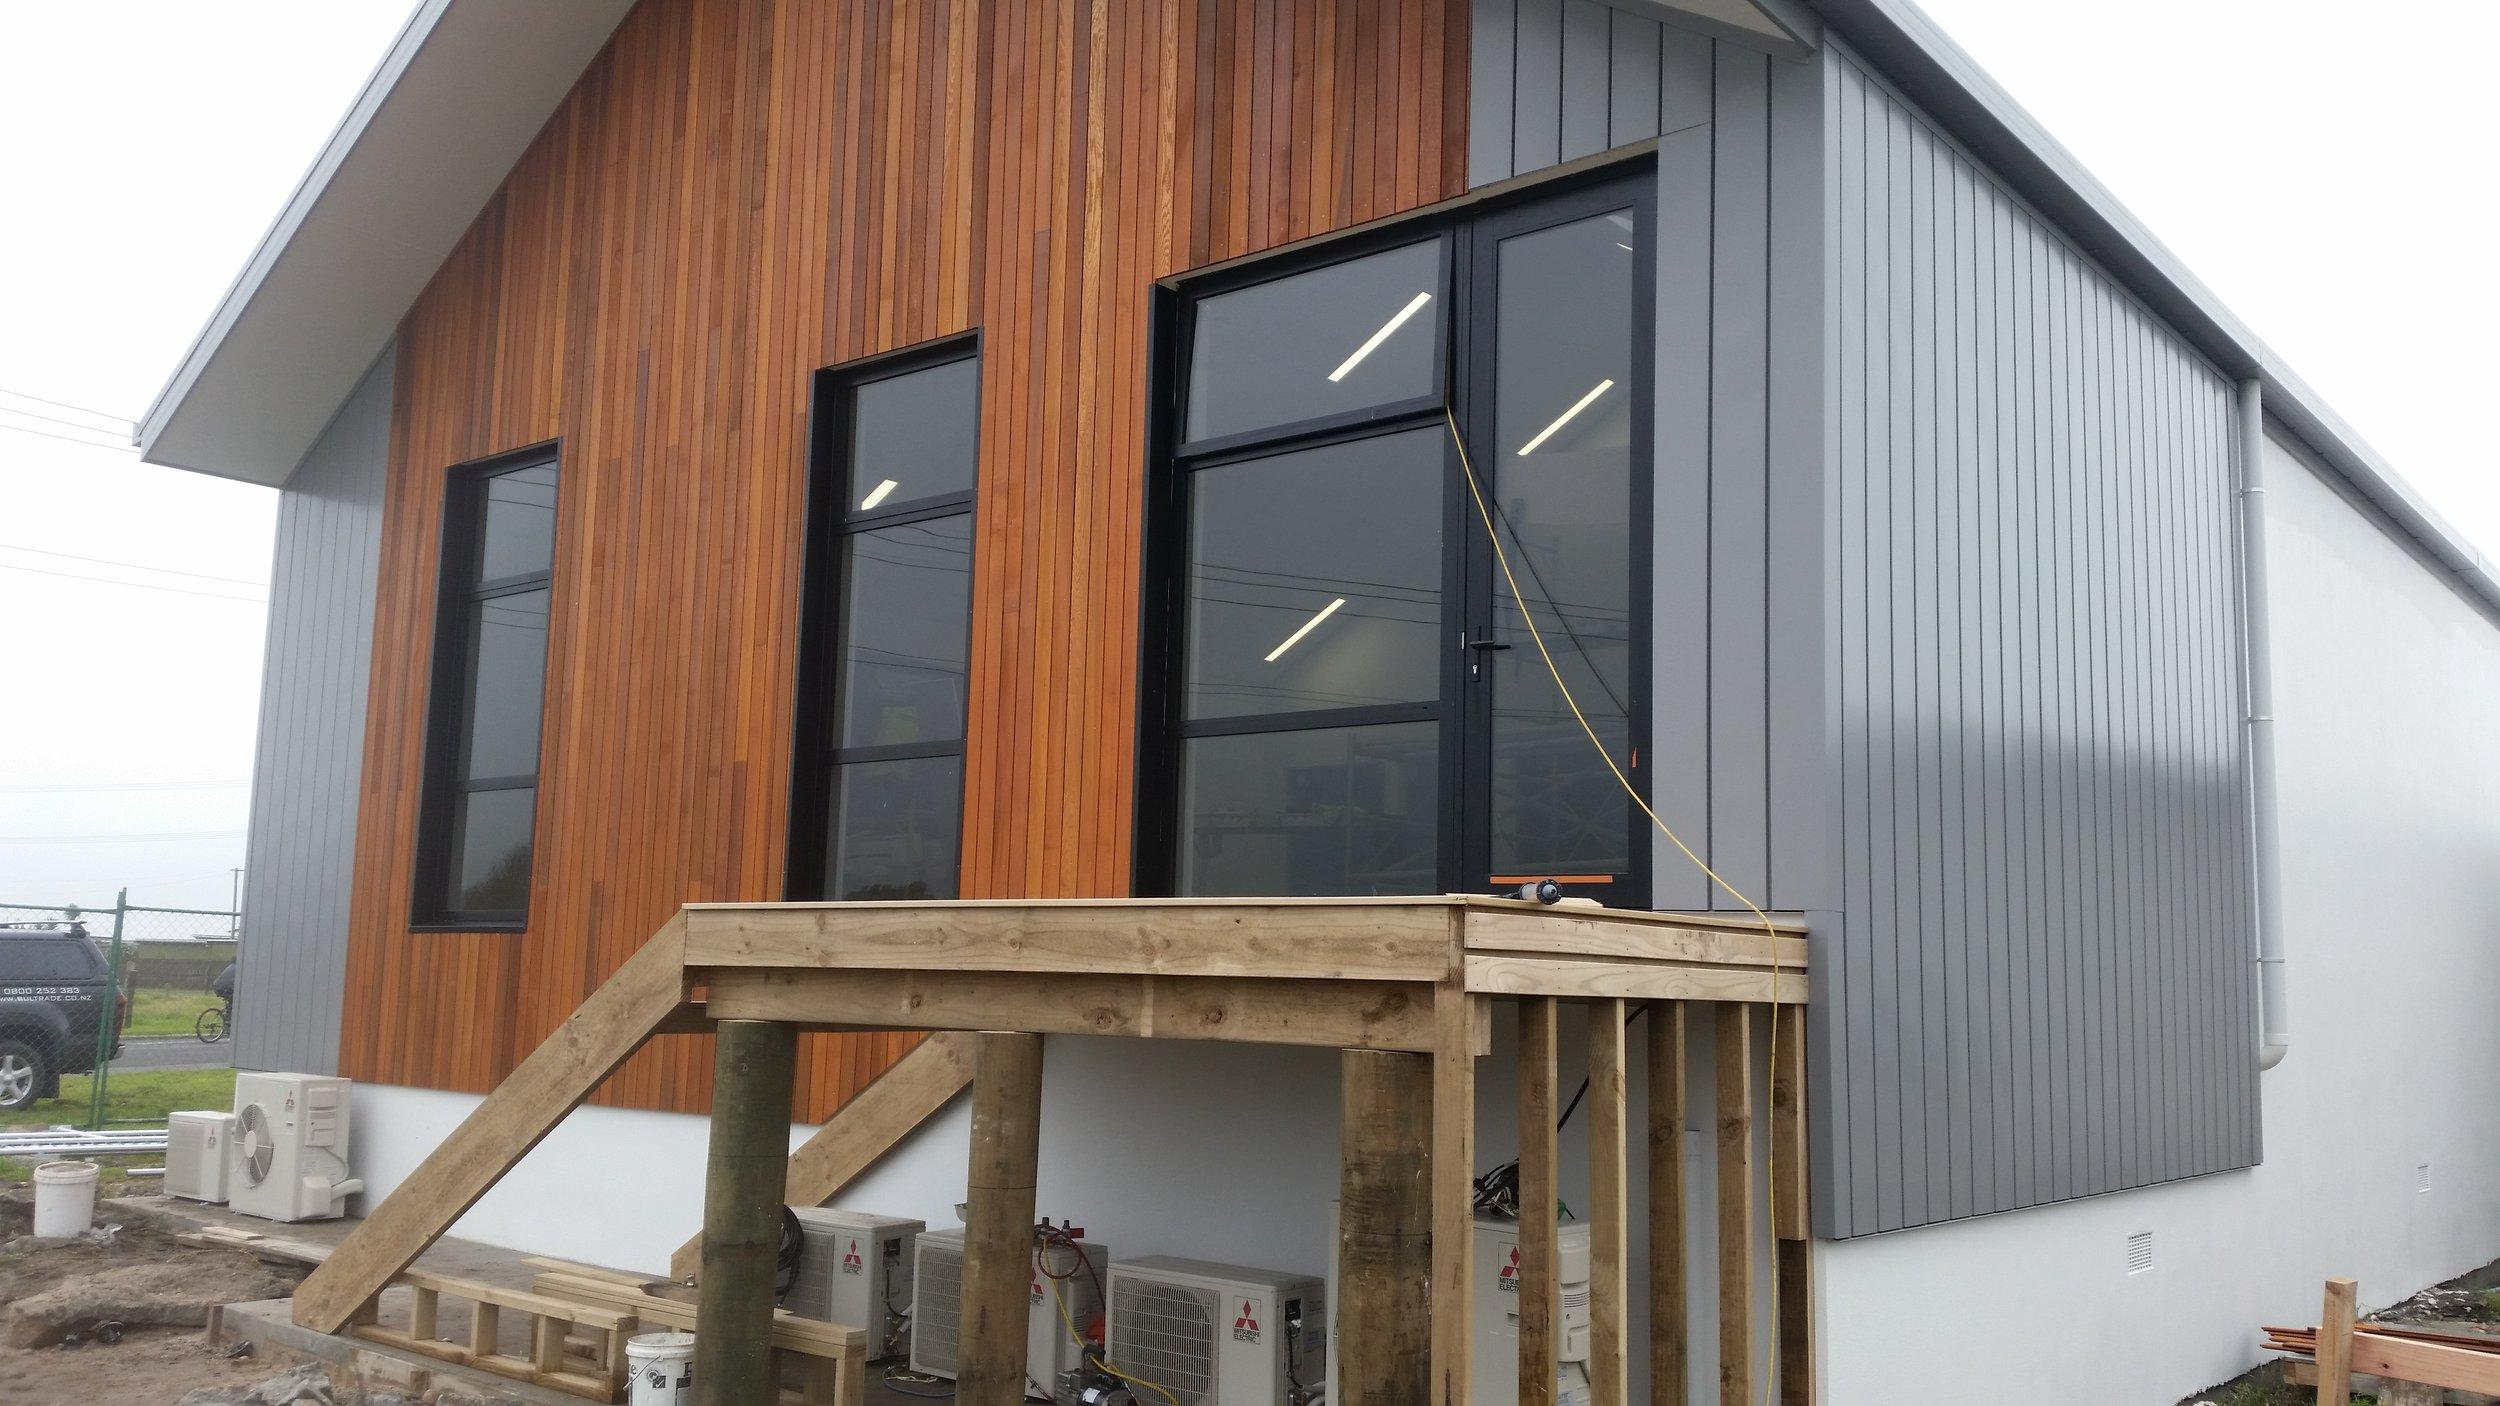 The-Roofing-Store-Steel-Metal-Interlocking-Panel-Sandstone-Grey-4.jpg.jpg